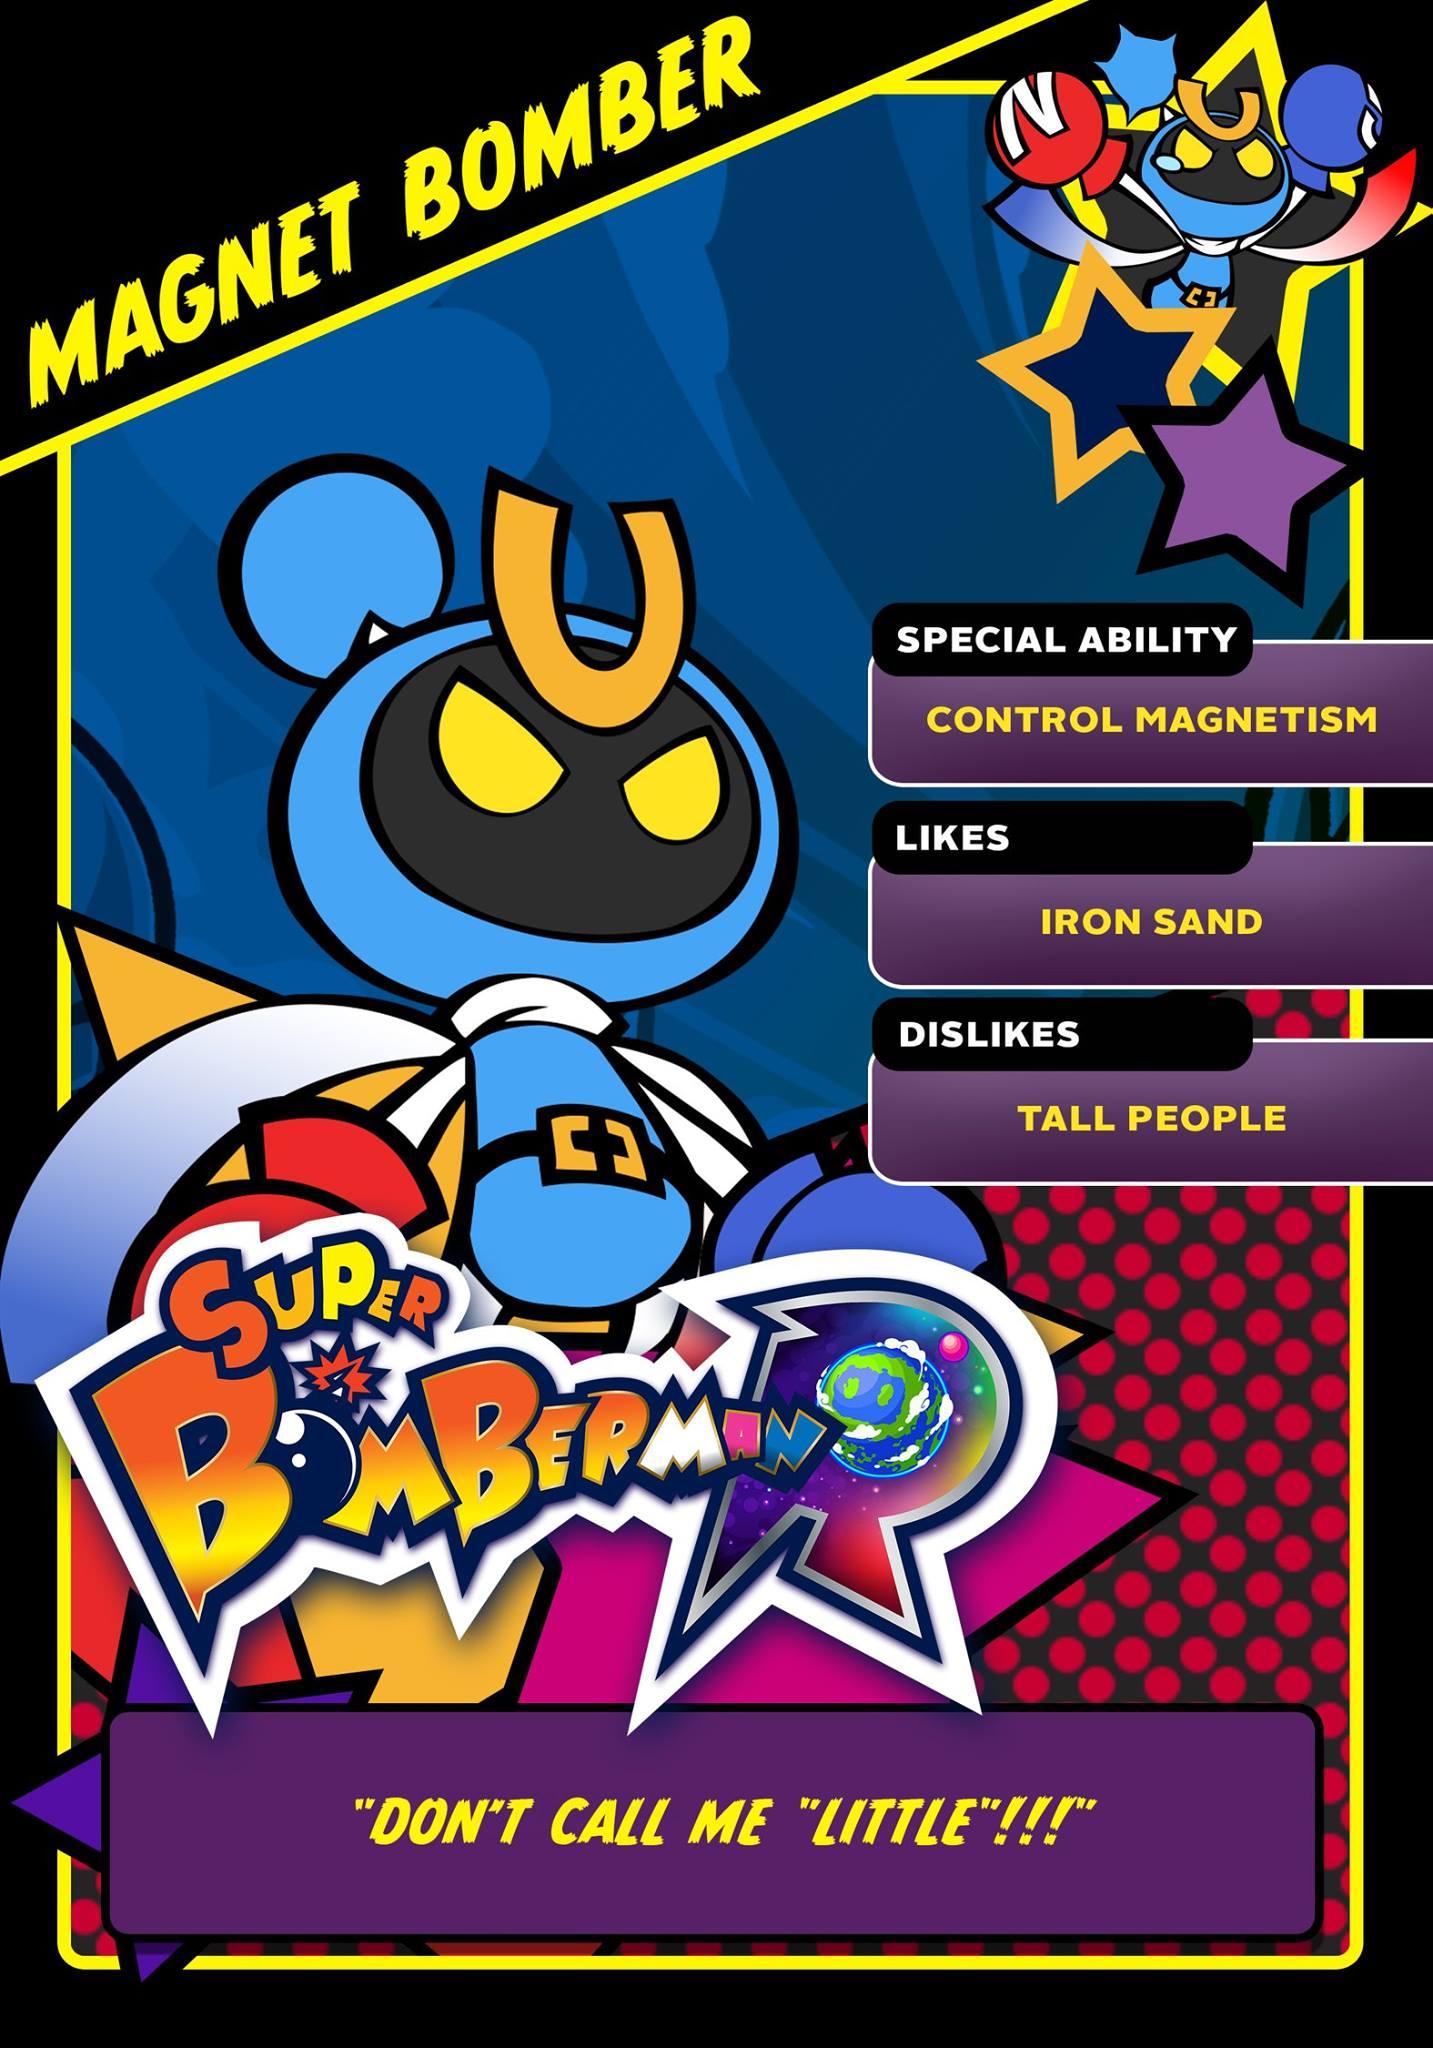 Bomberman-Magnet